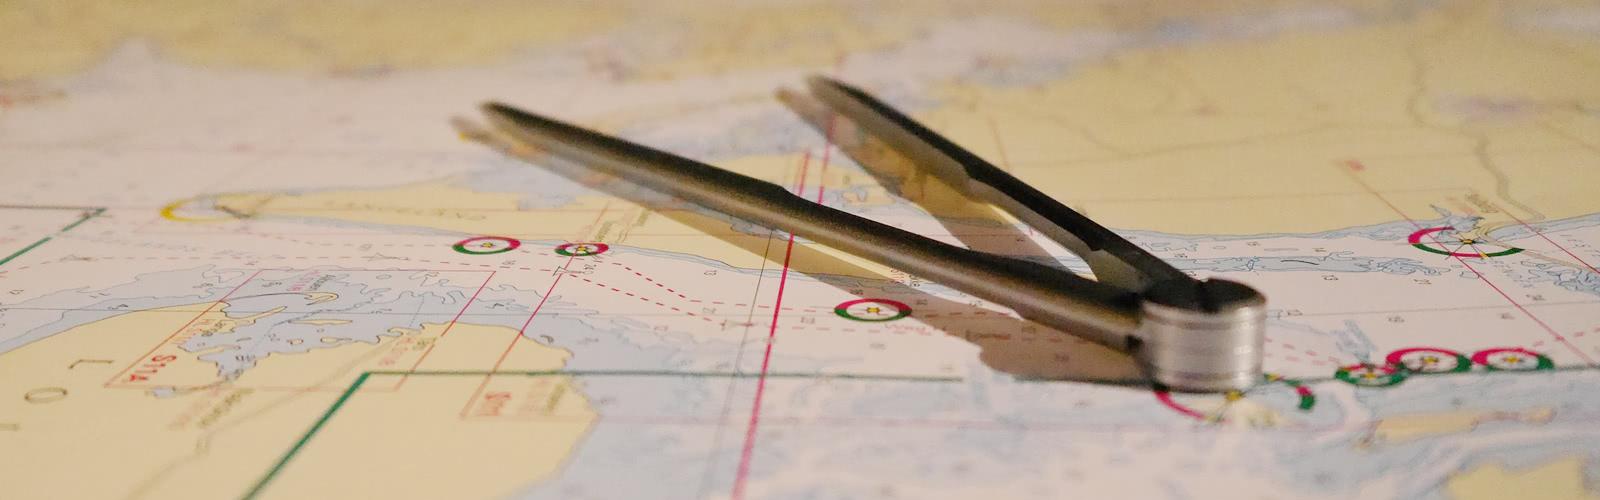 Programación de cartas náuticas